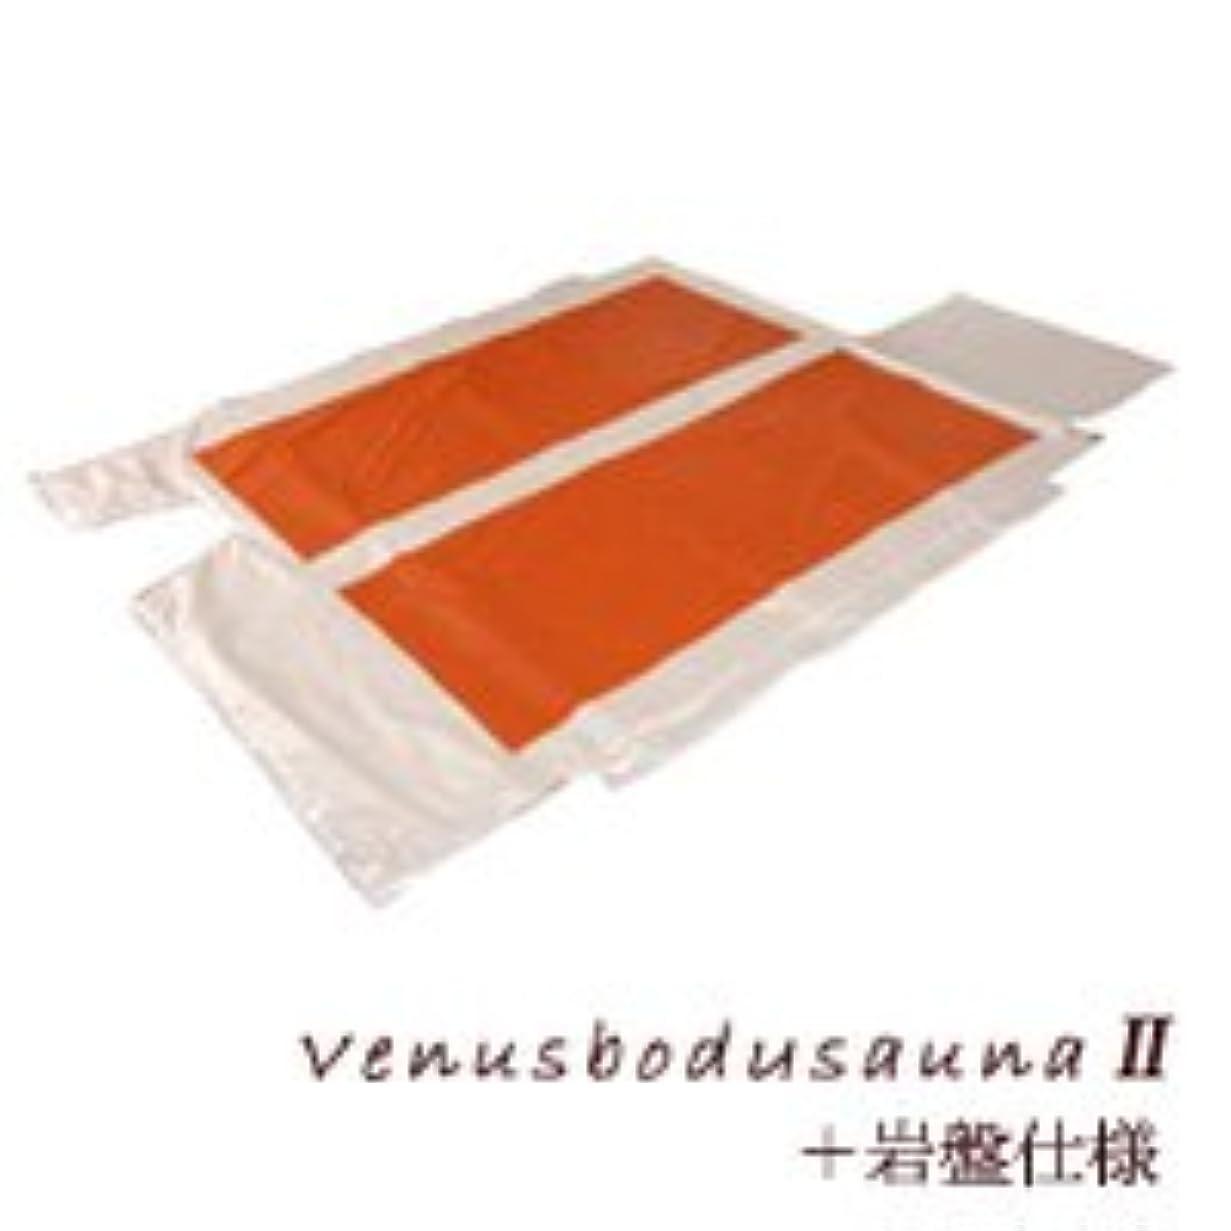 知覚シリーズ液体ヴィーナスボディサウナ2+岩盤仕様 エステマット